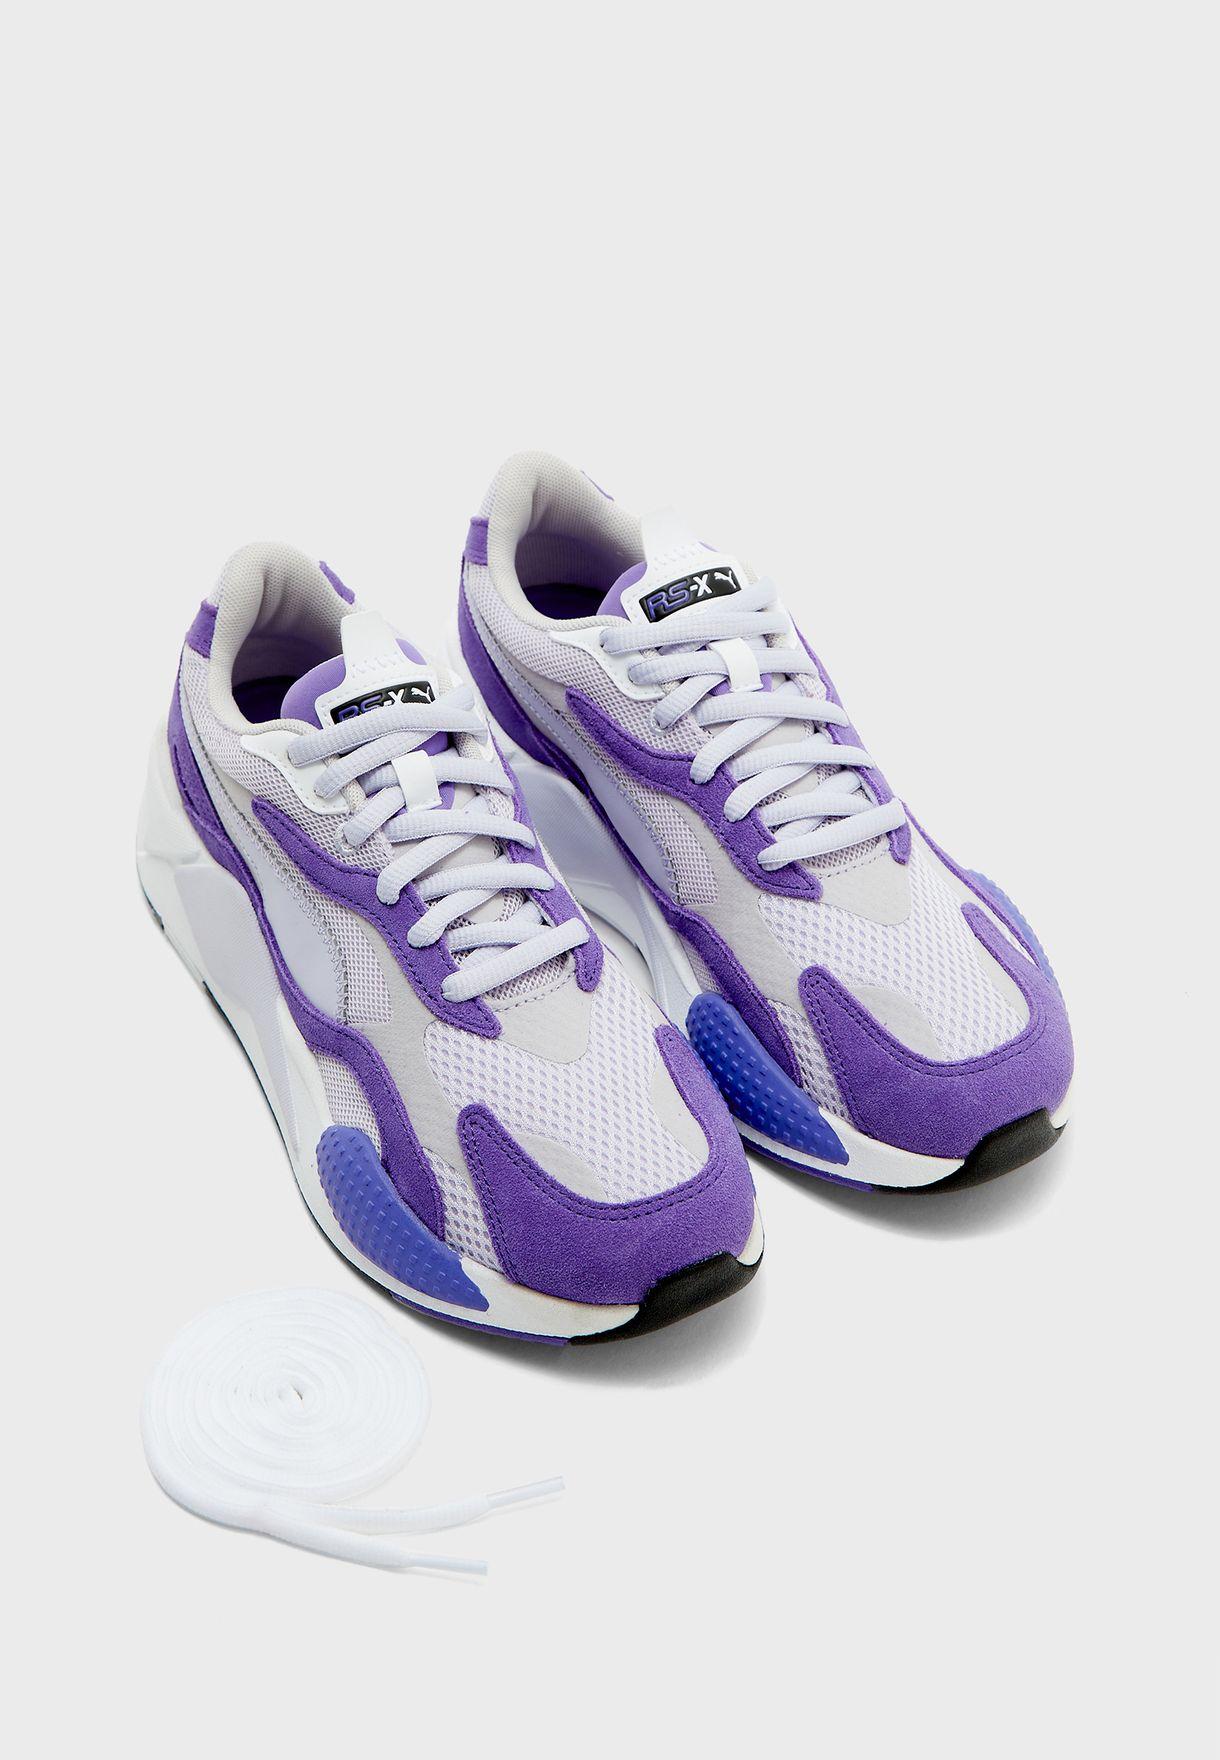 Caliza con tiempo Respectivamente  Buy PUMA purple RS-X³ Play for Women in MENA, Worldwide | 37288408